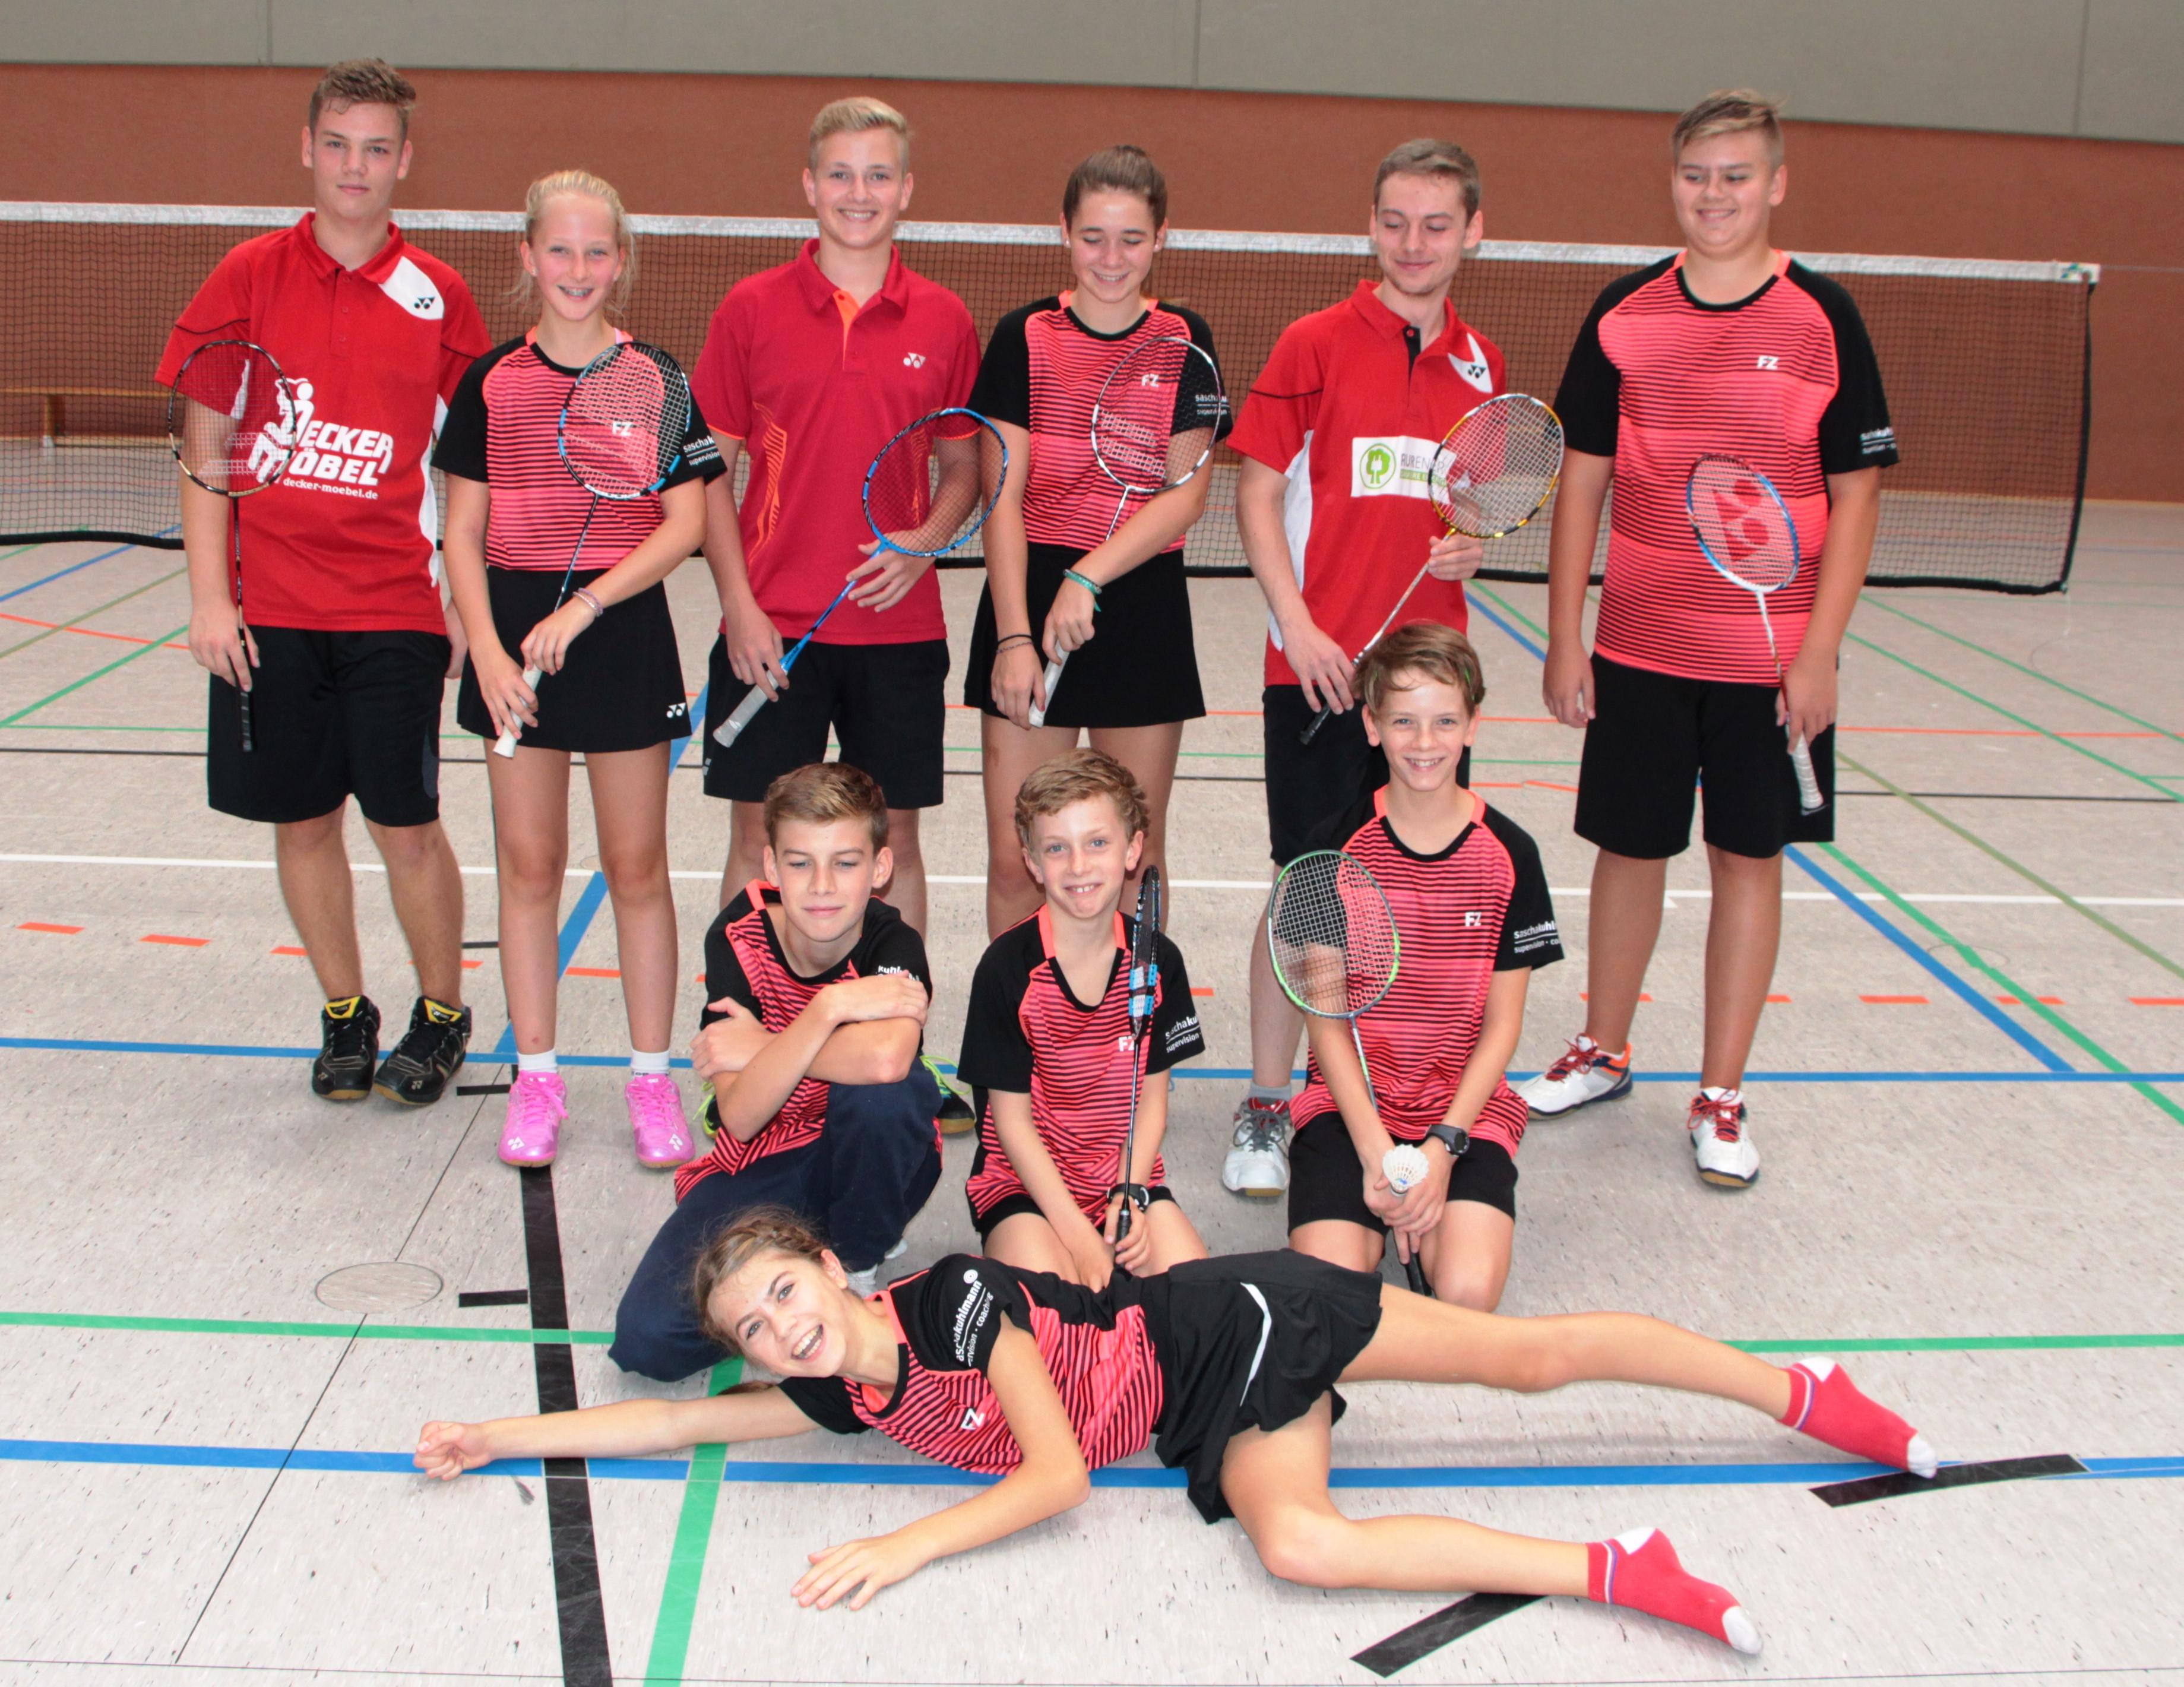 SG KaDü S1 - Spielgemeinschaft Kall/Düren S1 - Saison 2018/2019